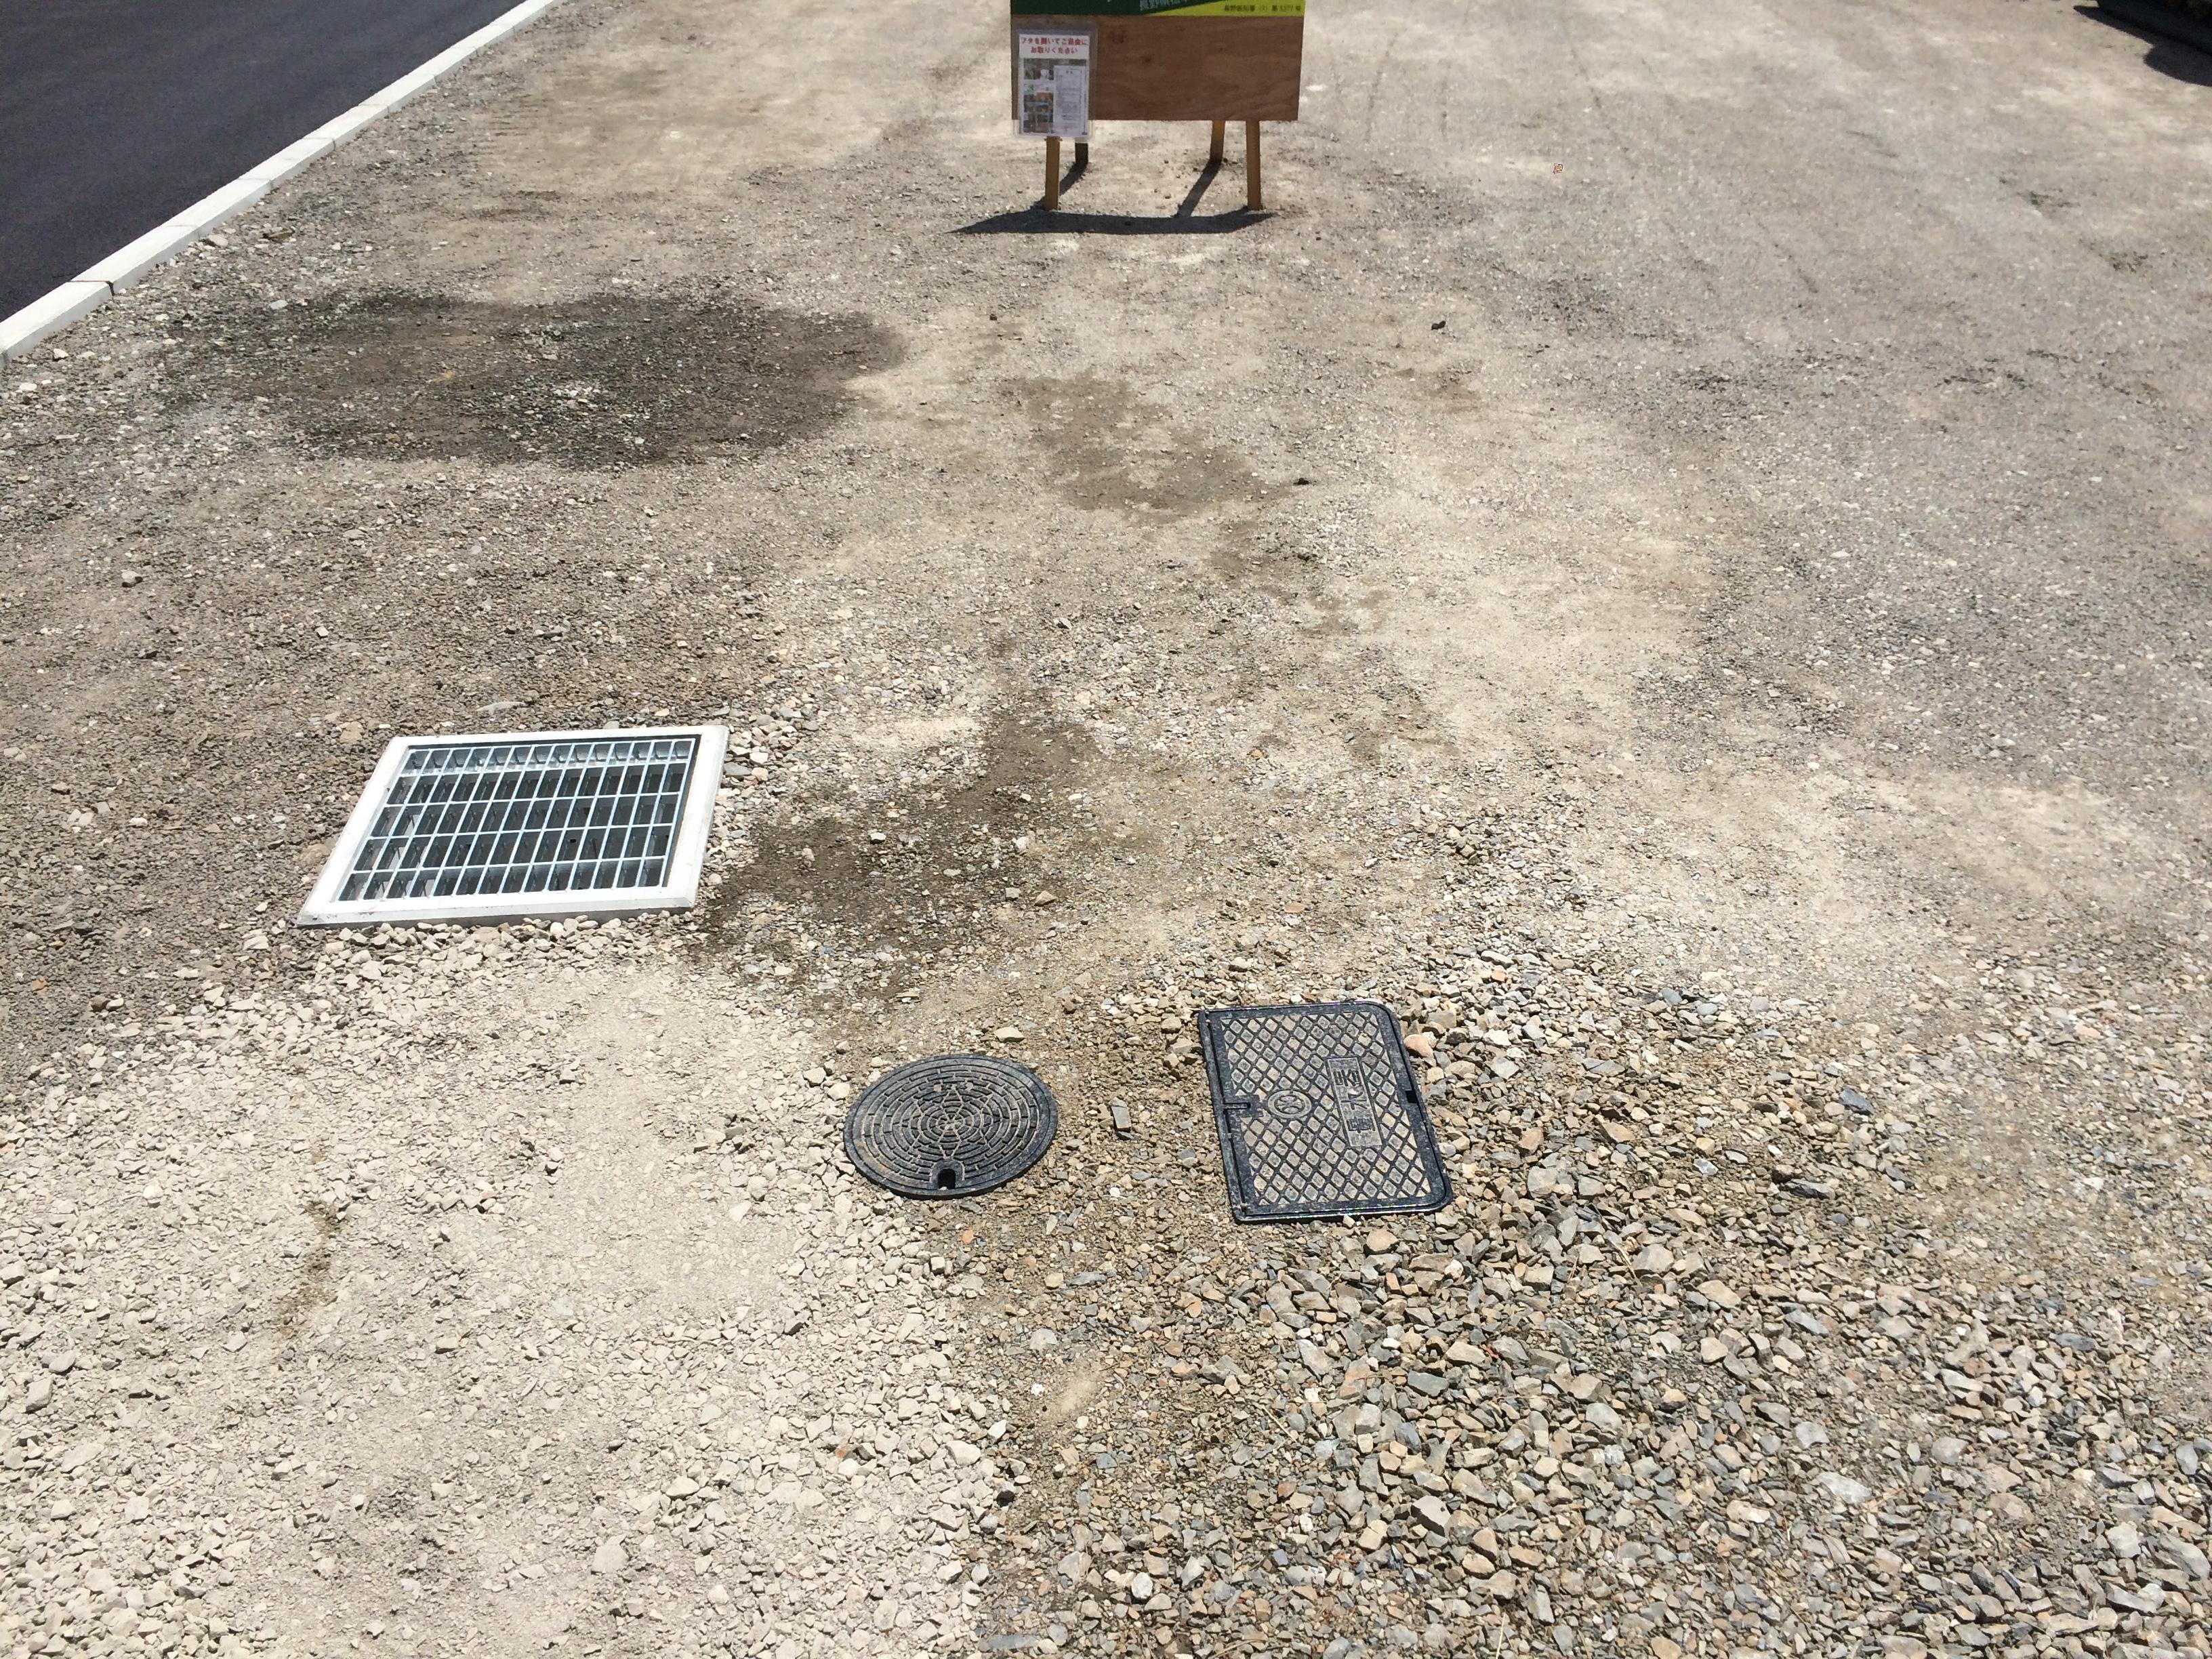 宅内上水メーターボックス汚水桝浸透桝